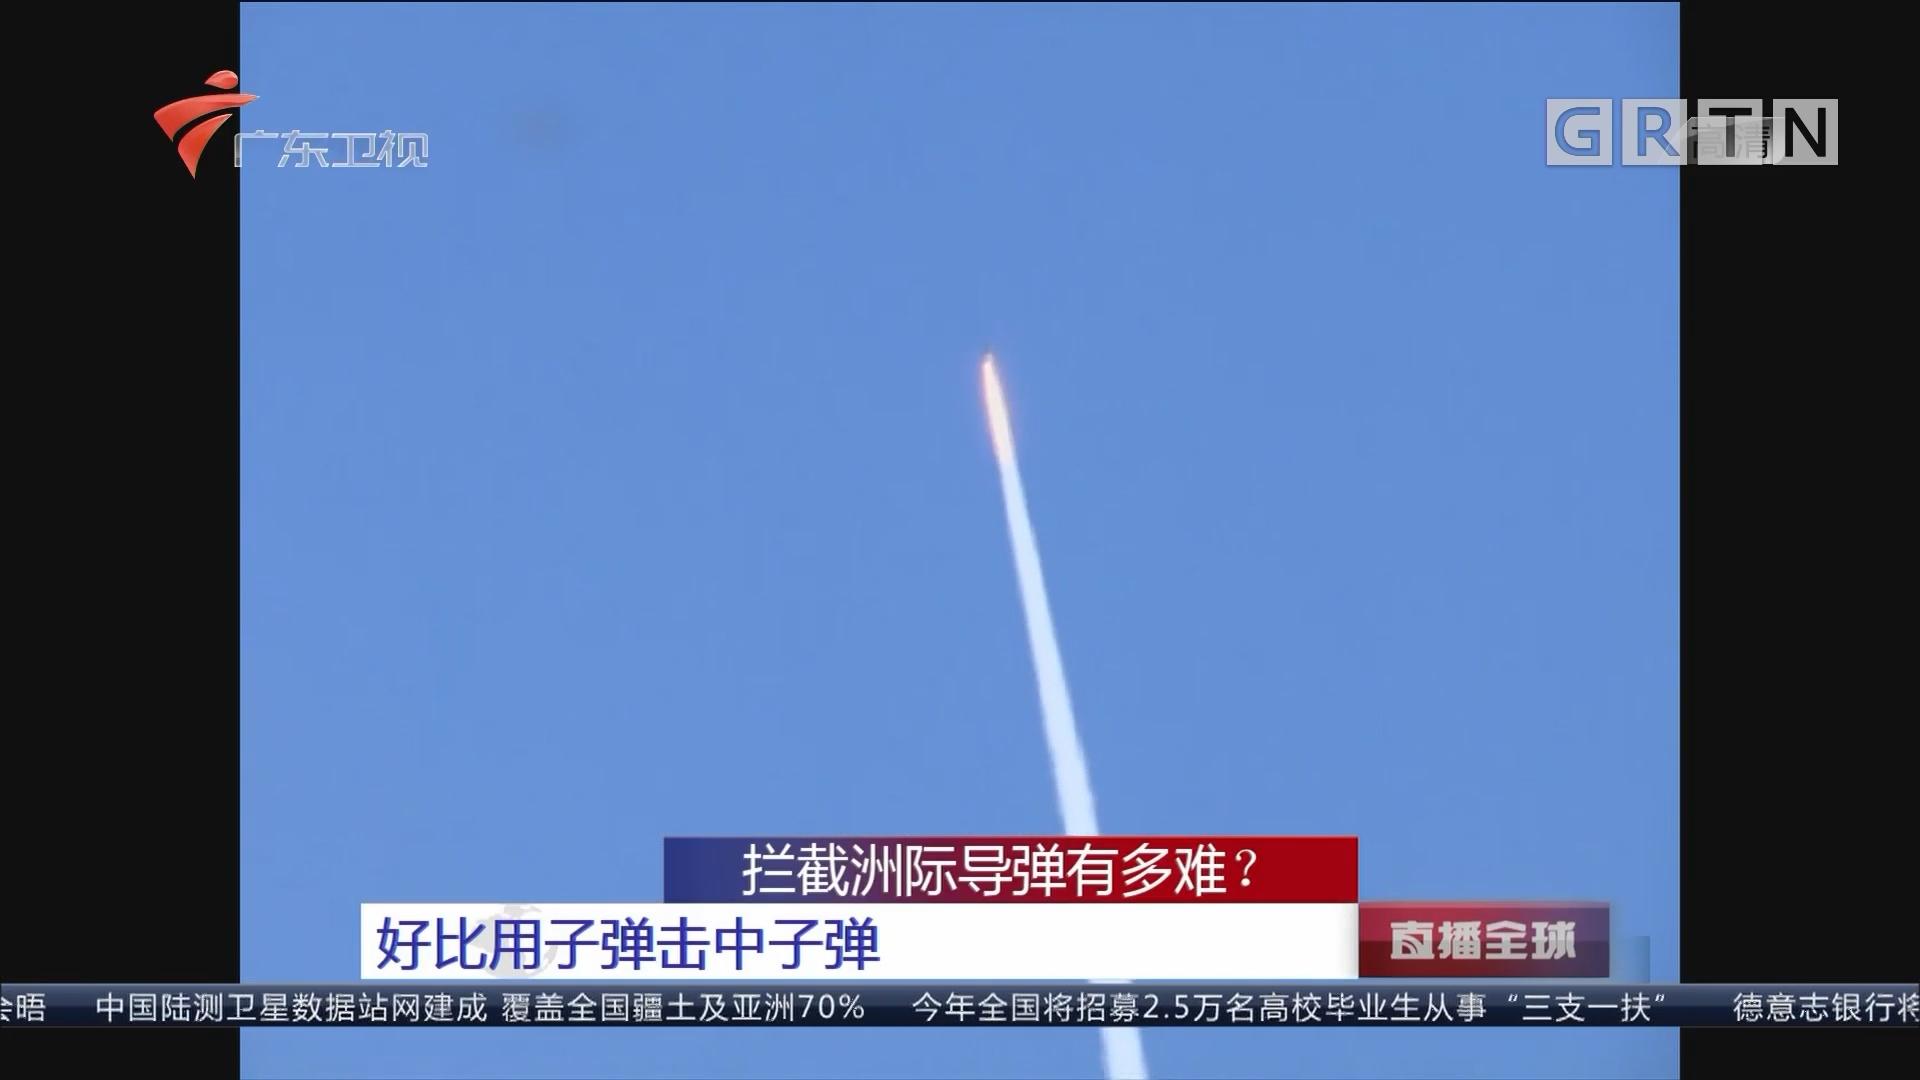 拦截洲际导弹有多难?好比用子弹击中子弹